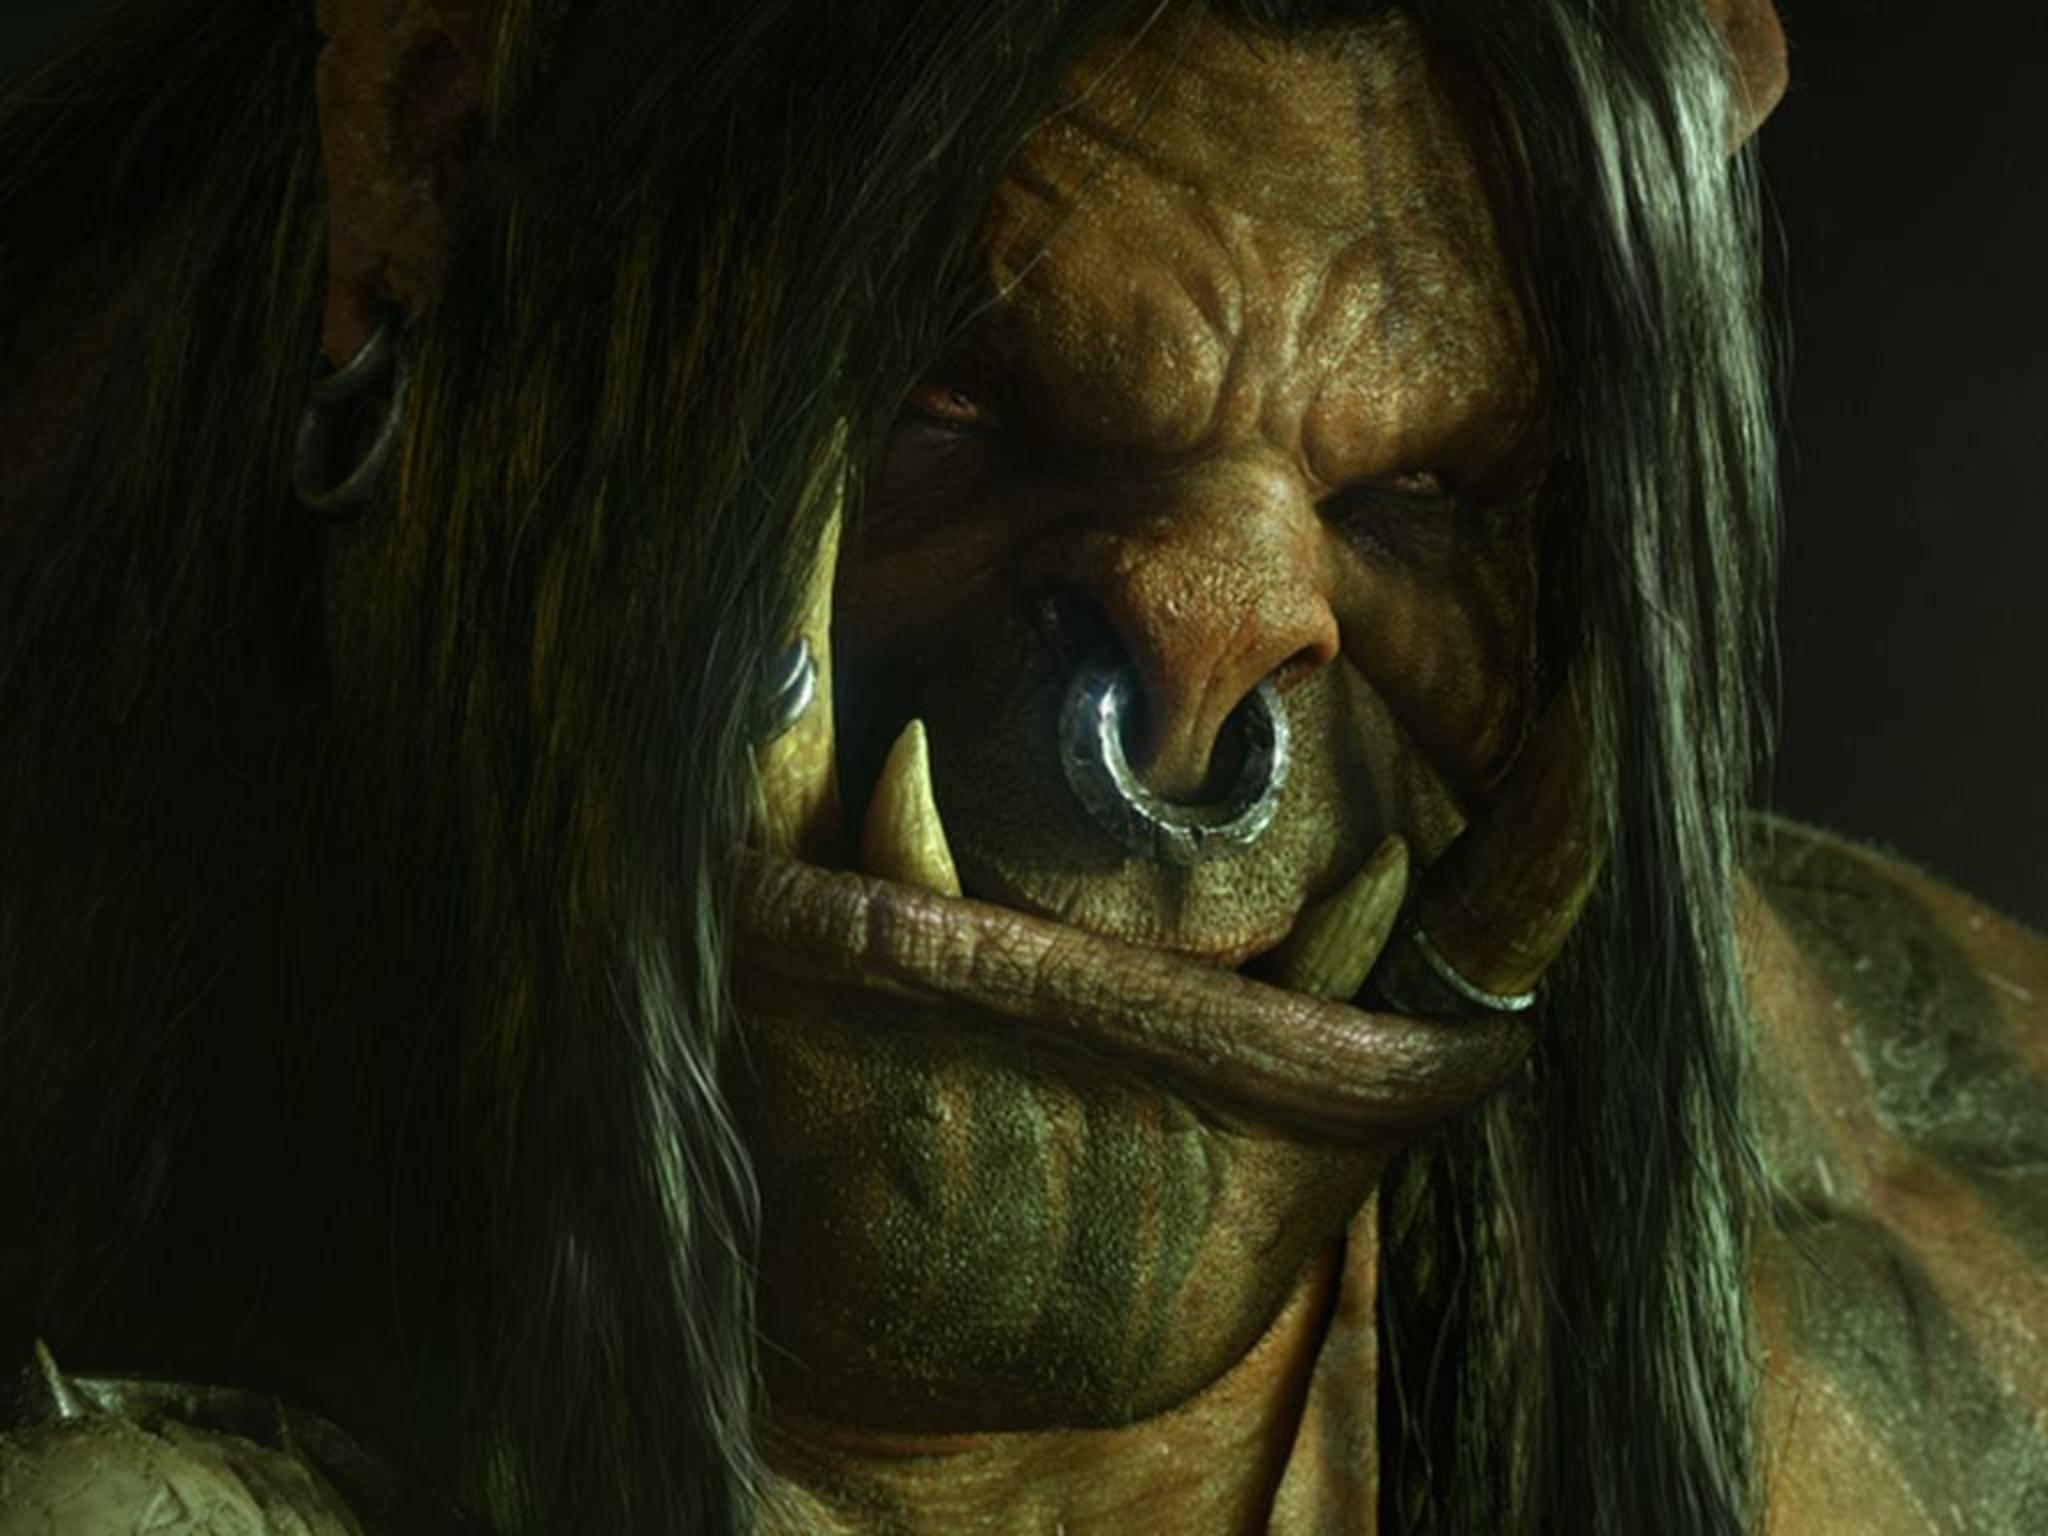 """Kein Grund, grimmig zu gucken: Der """"Warcraft""""-Film scheint in guten Händen zu sein."""